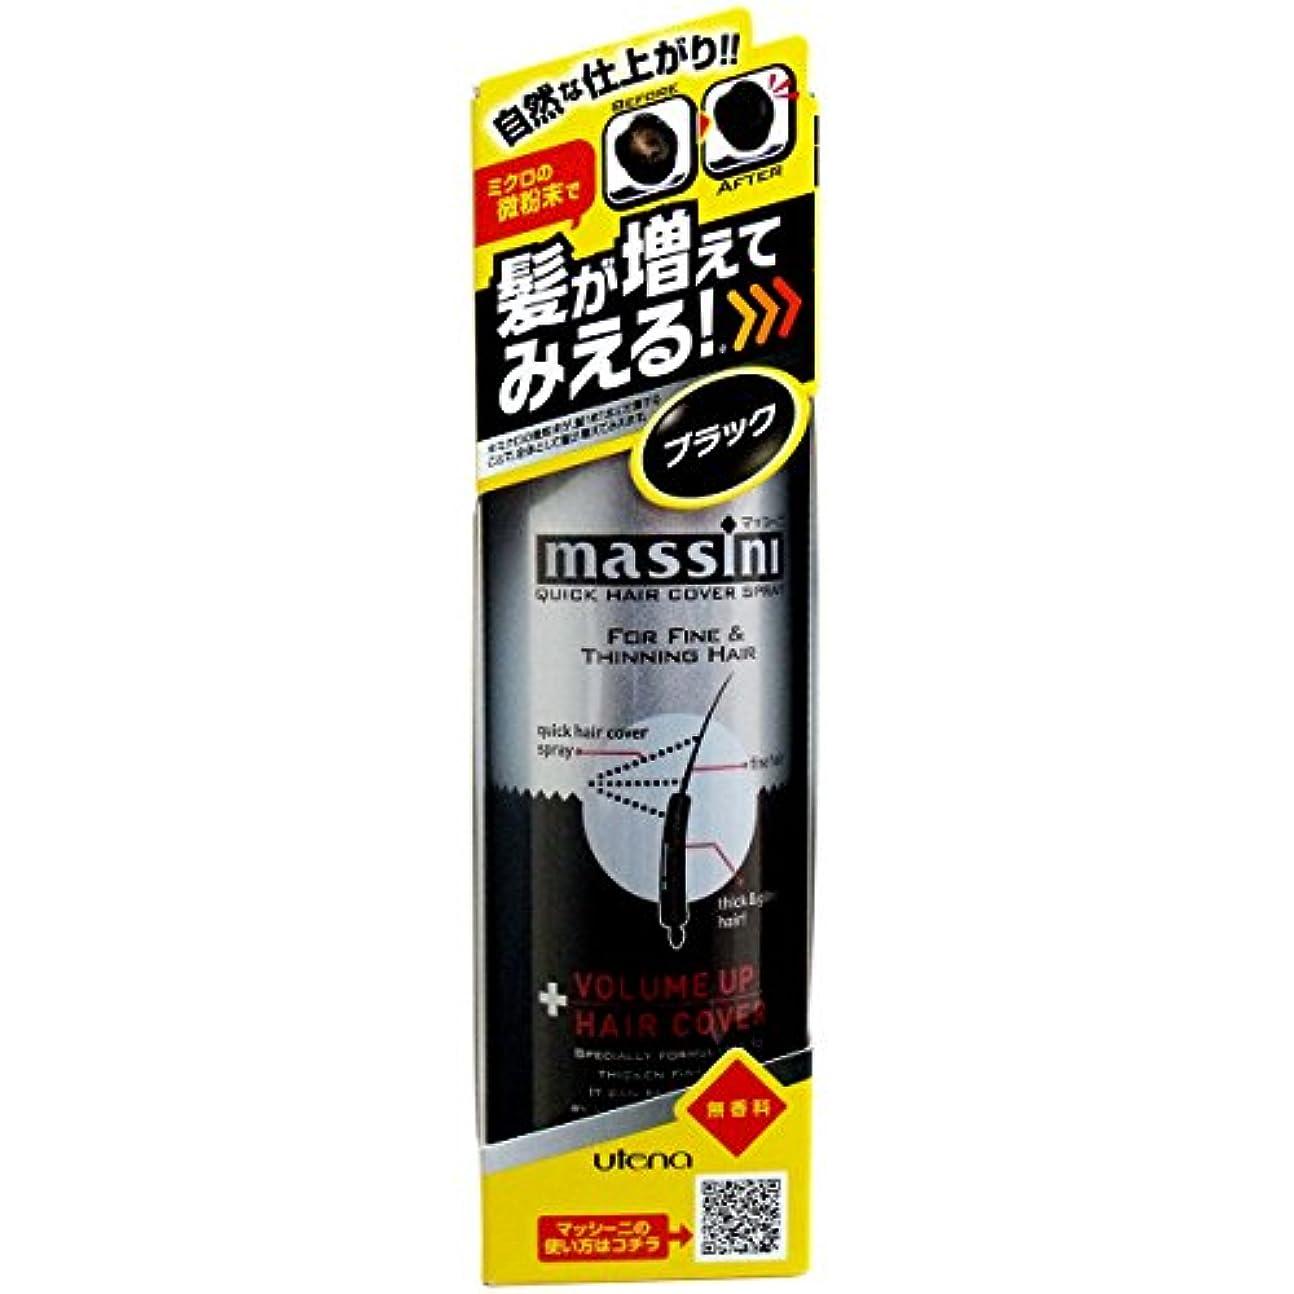 出血懺悔ストライプ【ウテナ】マッシーニ クィックヘアカバースプレー(ブラック) 140g ×5個セット